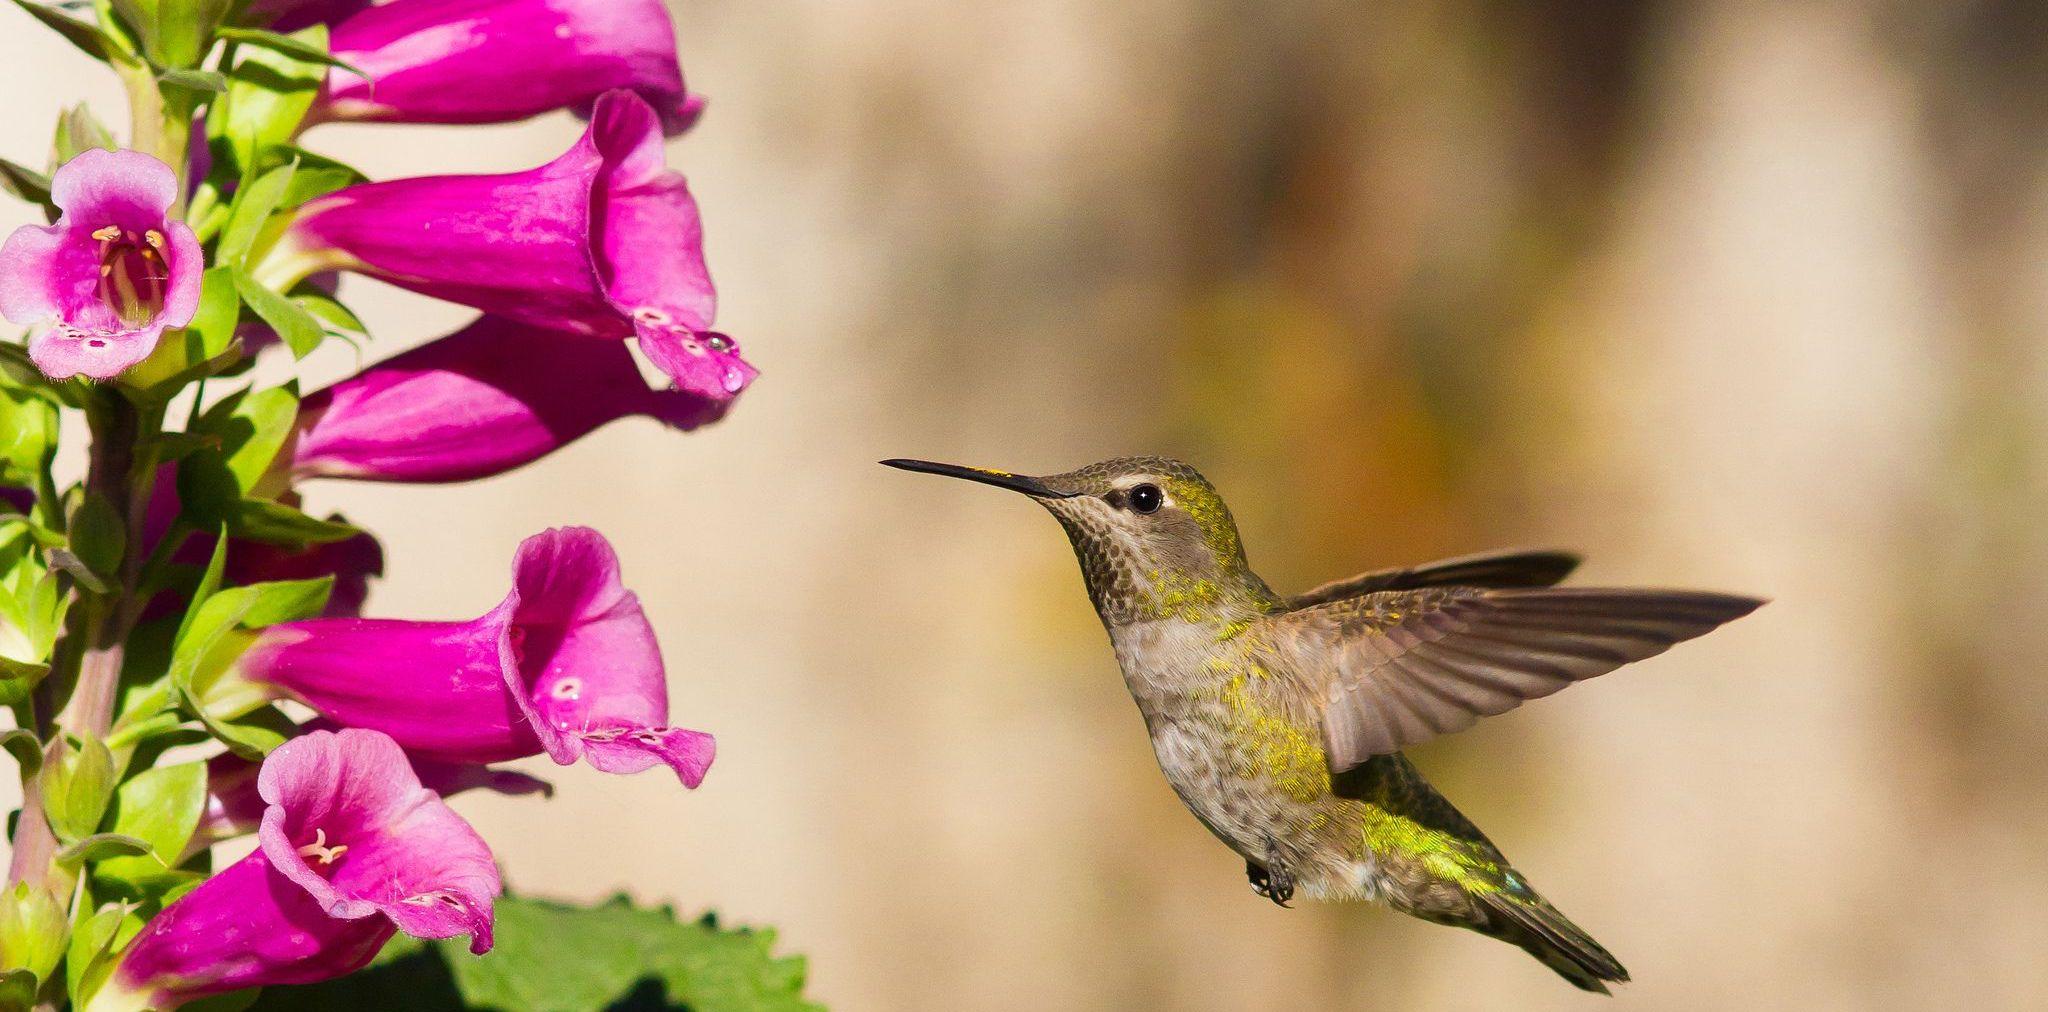 Вынужденный экспресс-курс эволюции дигиталис и колибри